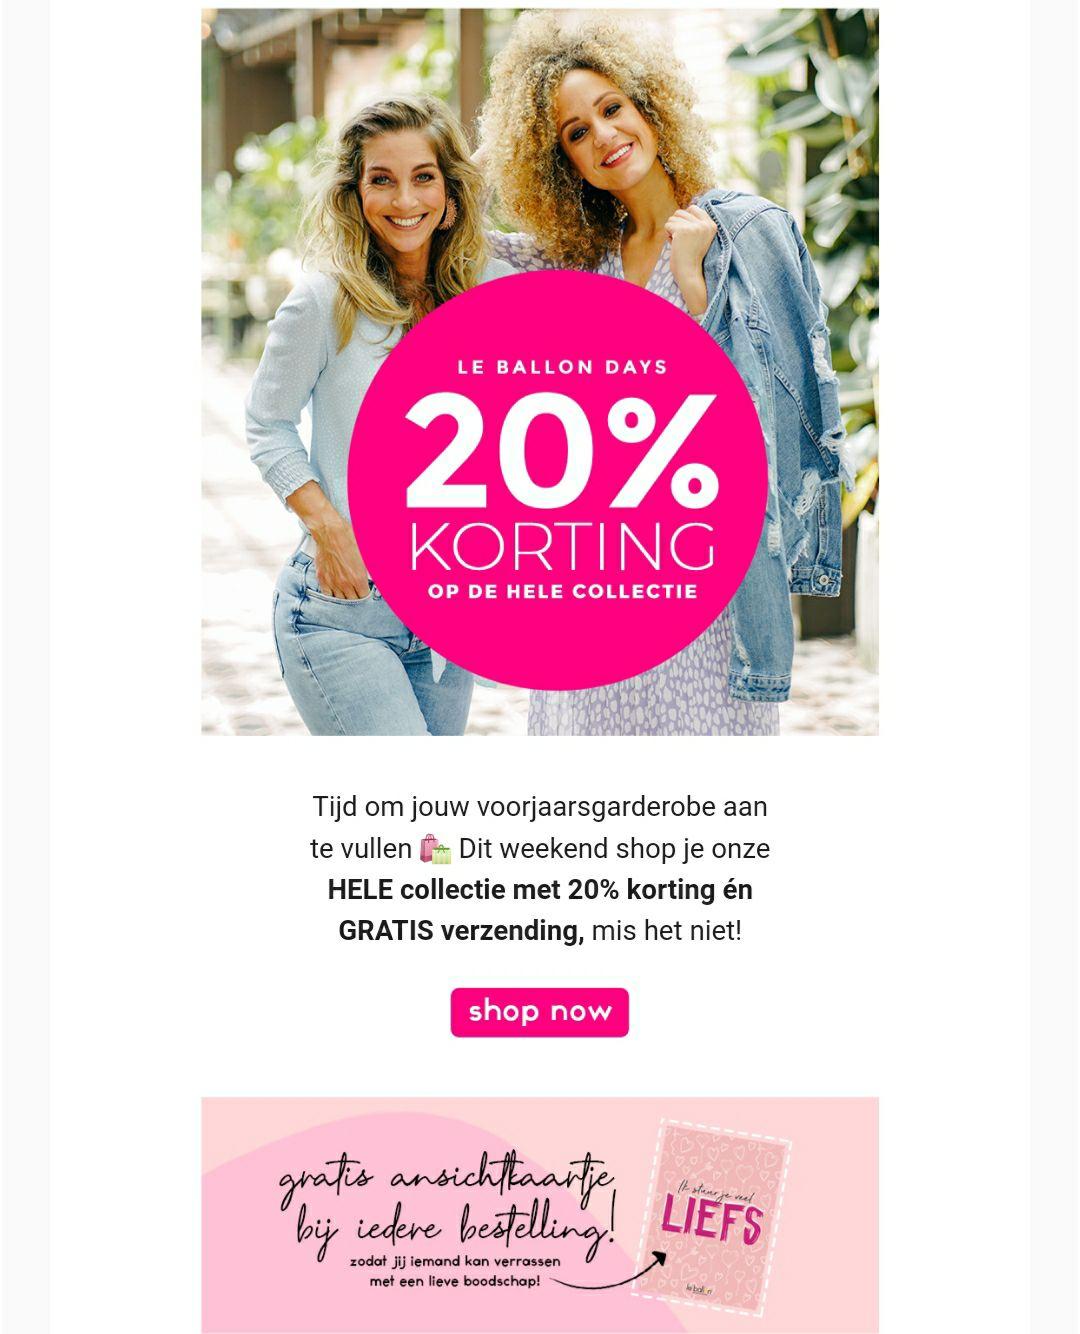 20% korting bij Le ballon & Invito